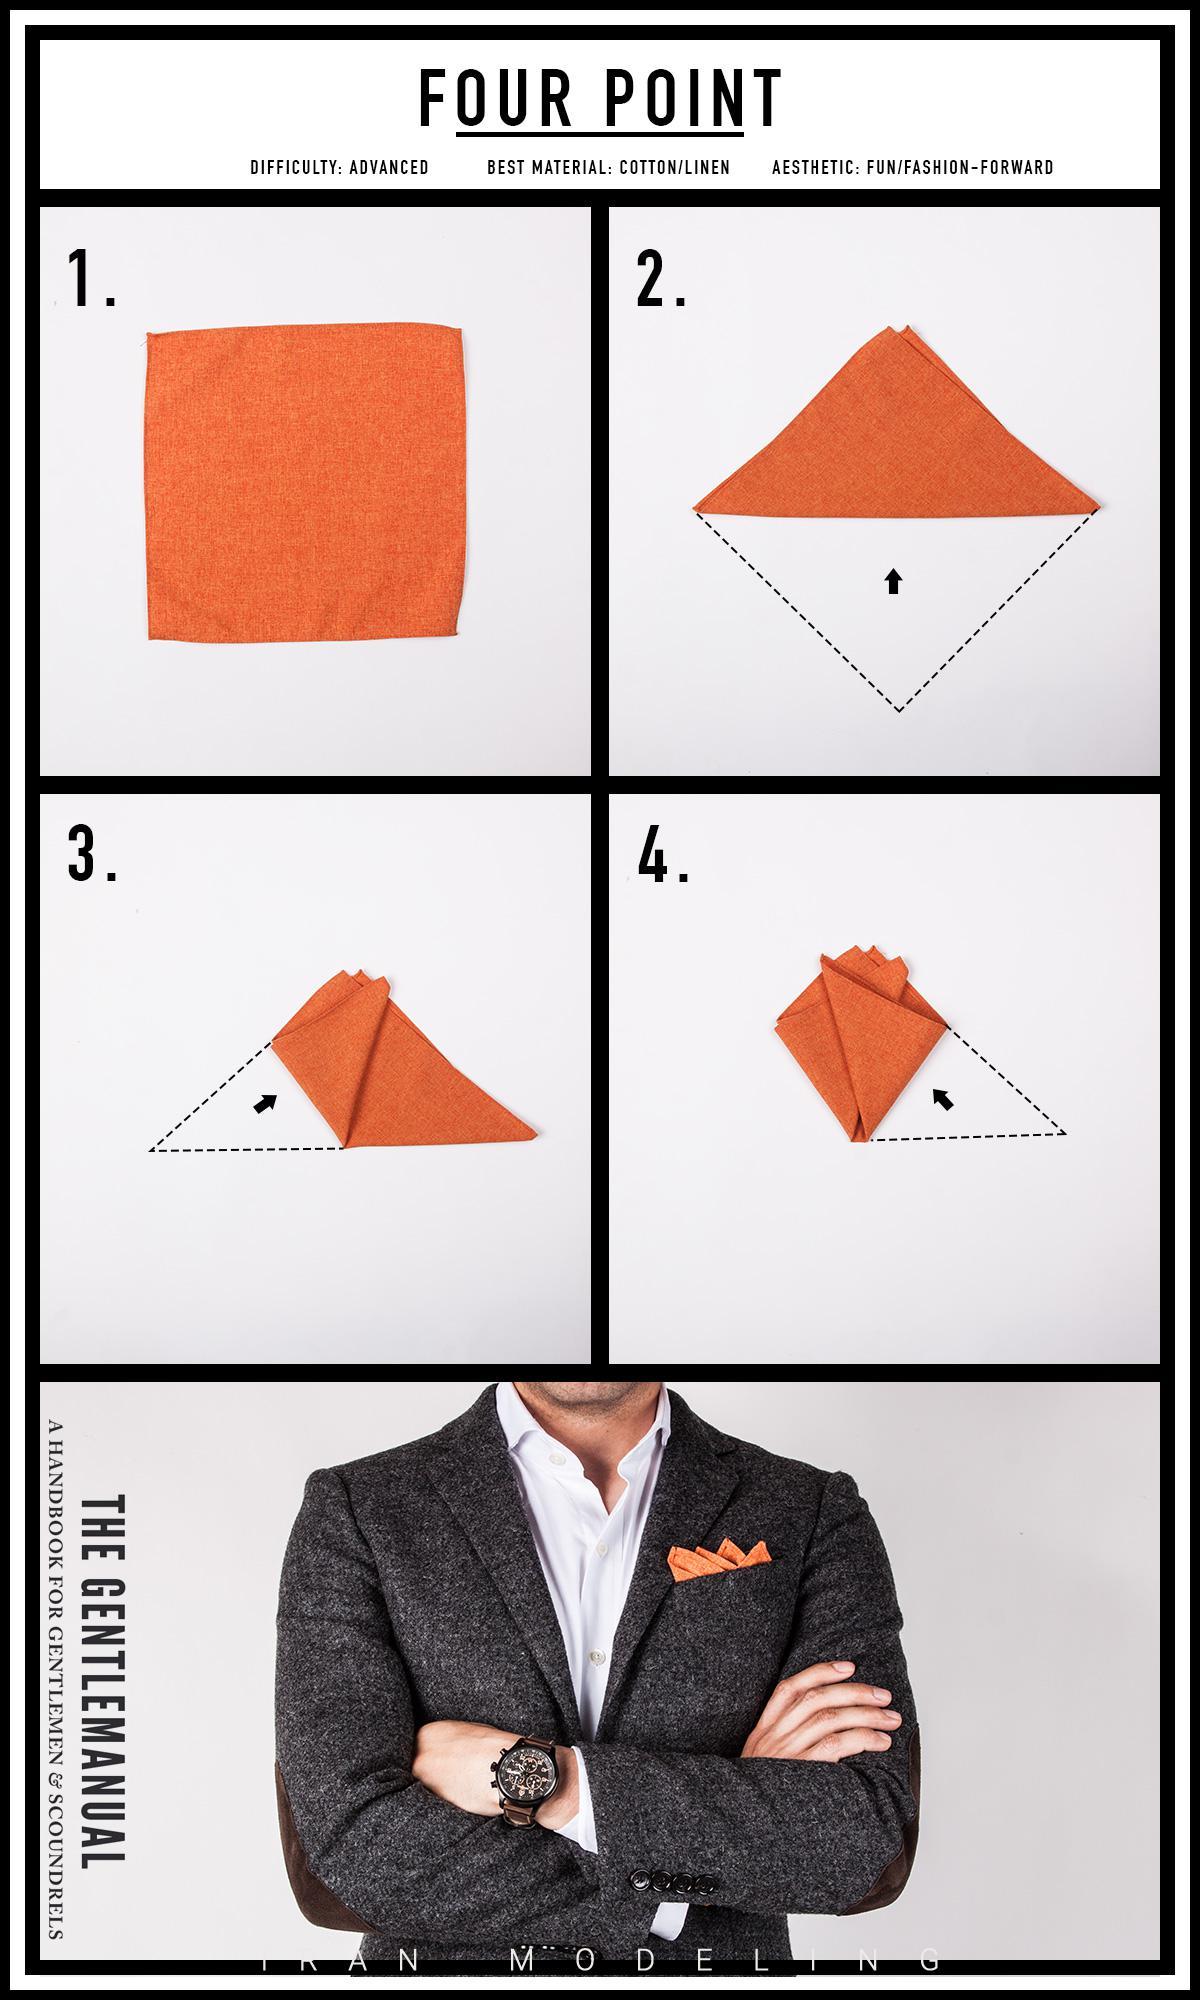 جدیدترین و بهترین طرح های دستمال جیبی کت آقایان امسال 2020 در رنگا های مختلف ایران مدلینگ